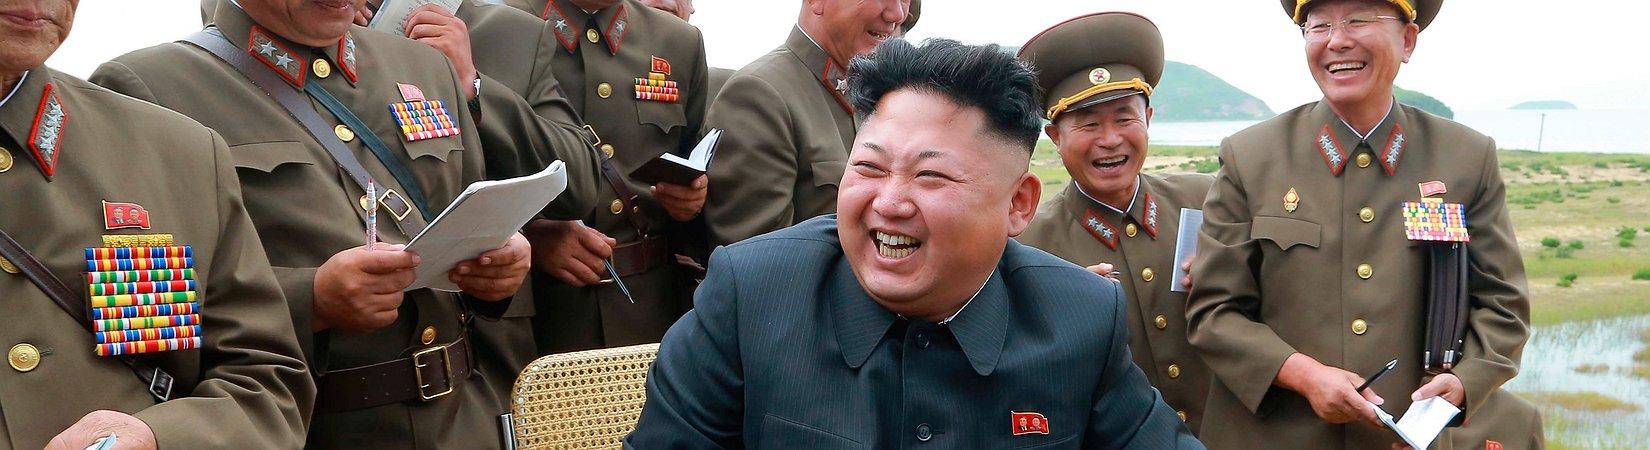 Kims Atomare Drohgebärden